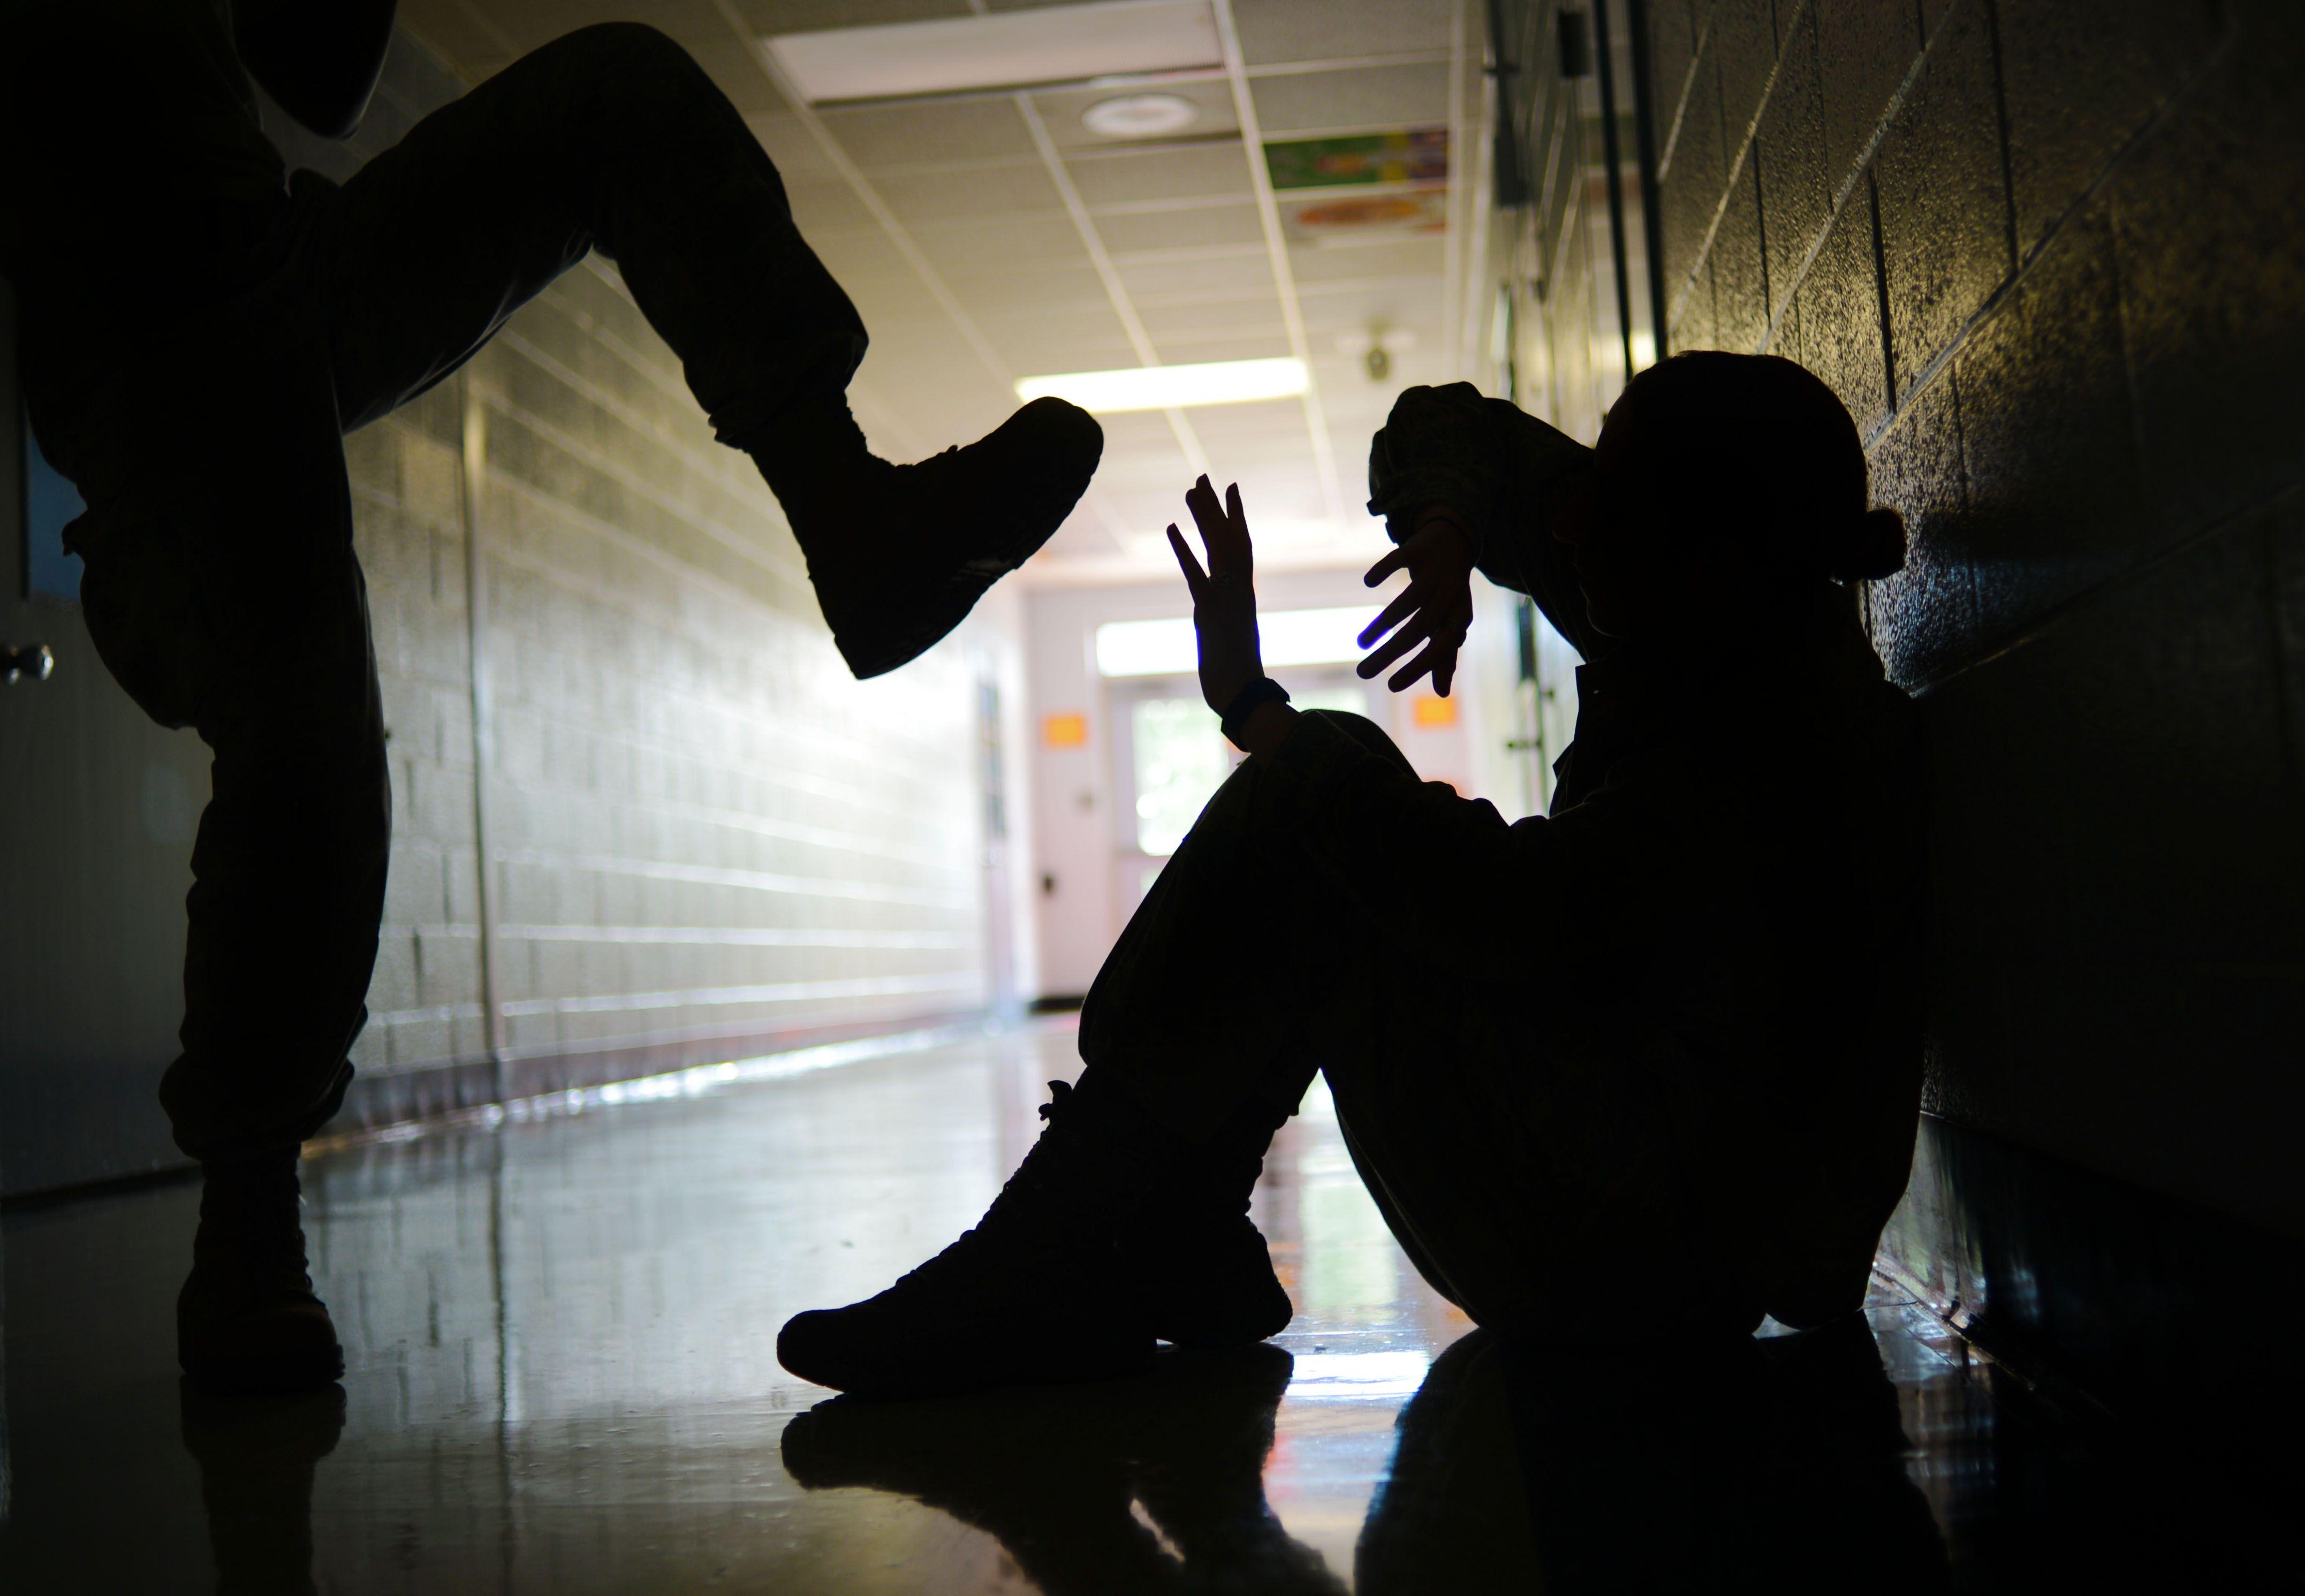 Experta en mobbing o bullying: ¿En qué te puedo ayudar? de Medicina integrativa Valencia